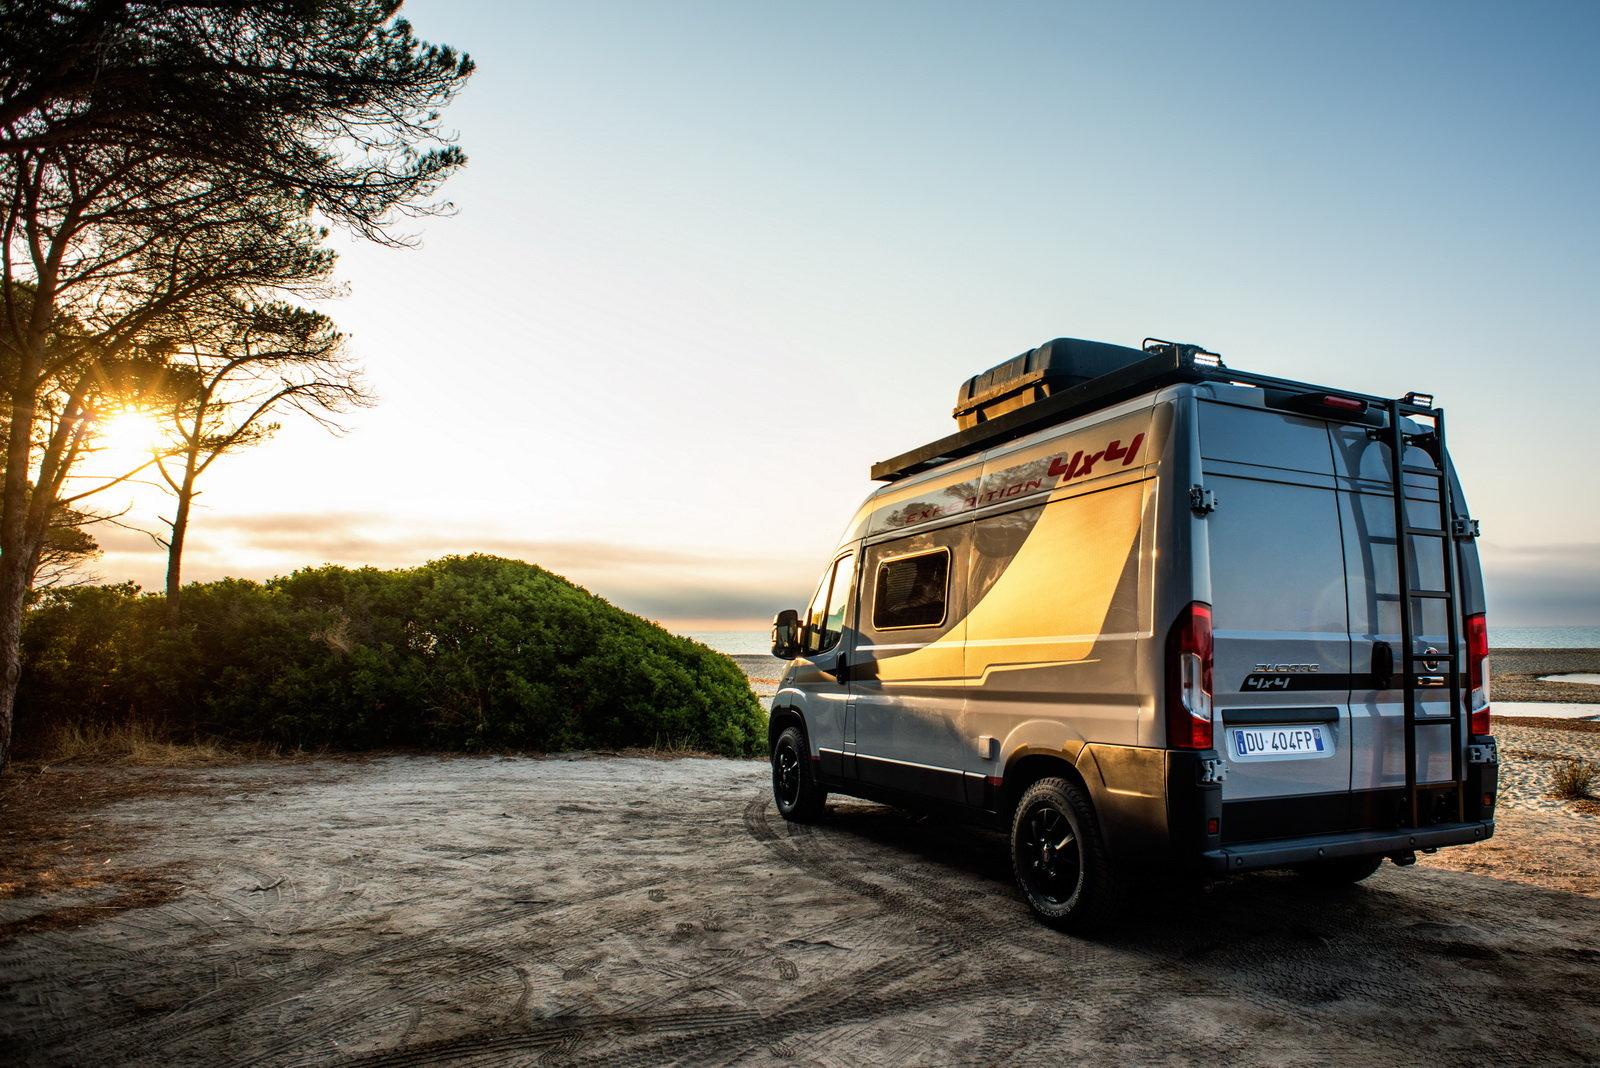 foto fiat ducato 4x4 expedition 2017 il camper che non conosce limiti. Black Bedroom Furniture Sets. Home Design Ideas